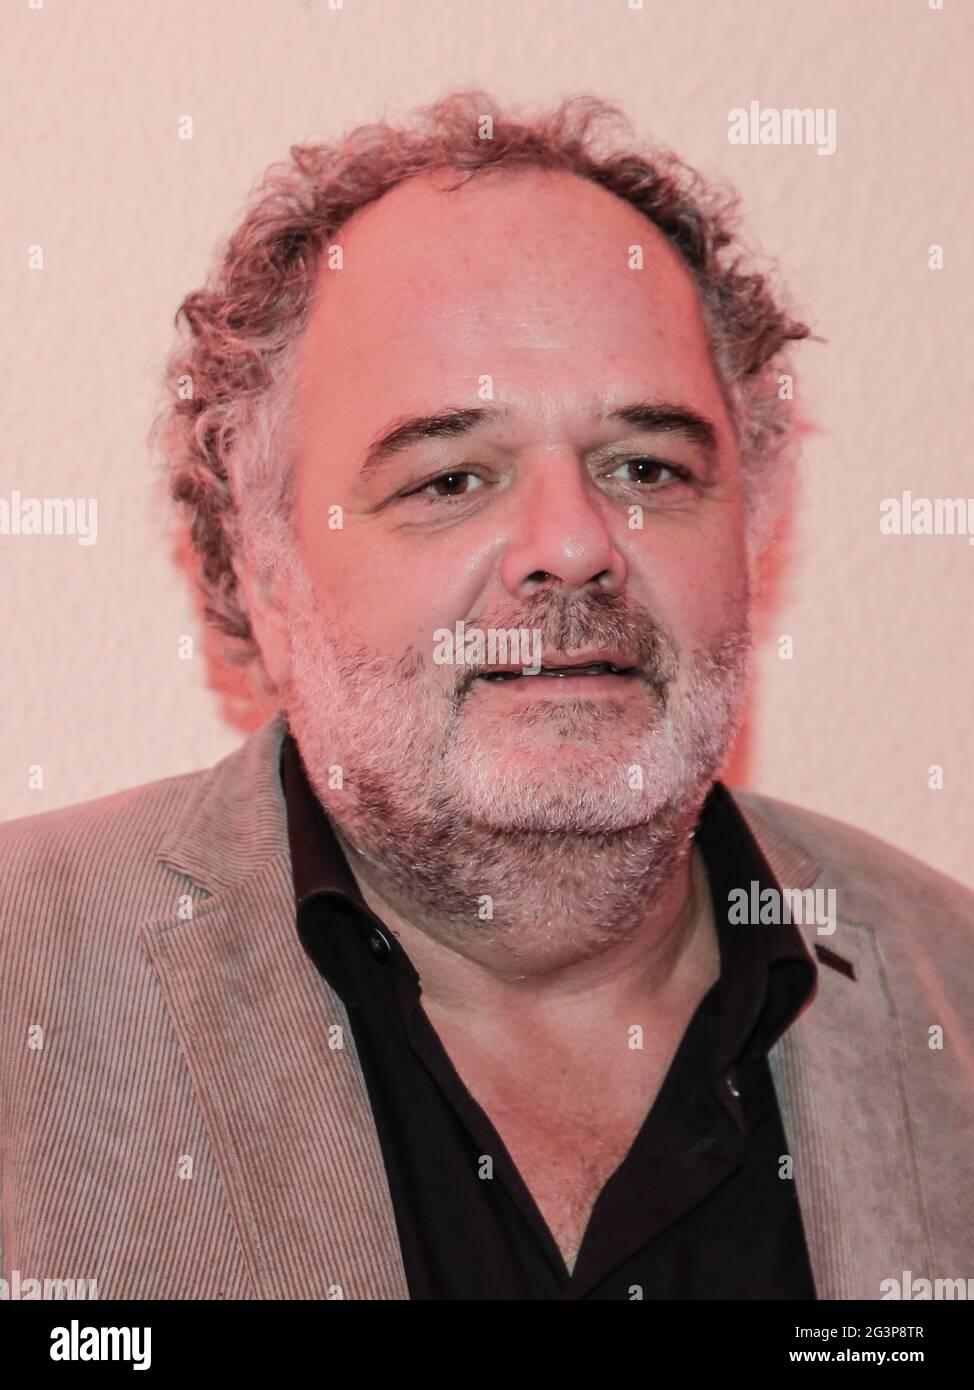 Le chef du spectacle MDR Peter Dreckmann au Festival de l'Avent de 100,000 lumières le 30,2019 novembre Banque D'Images